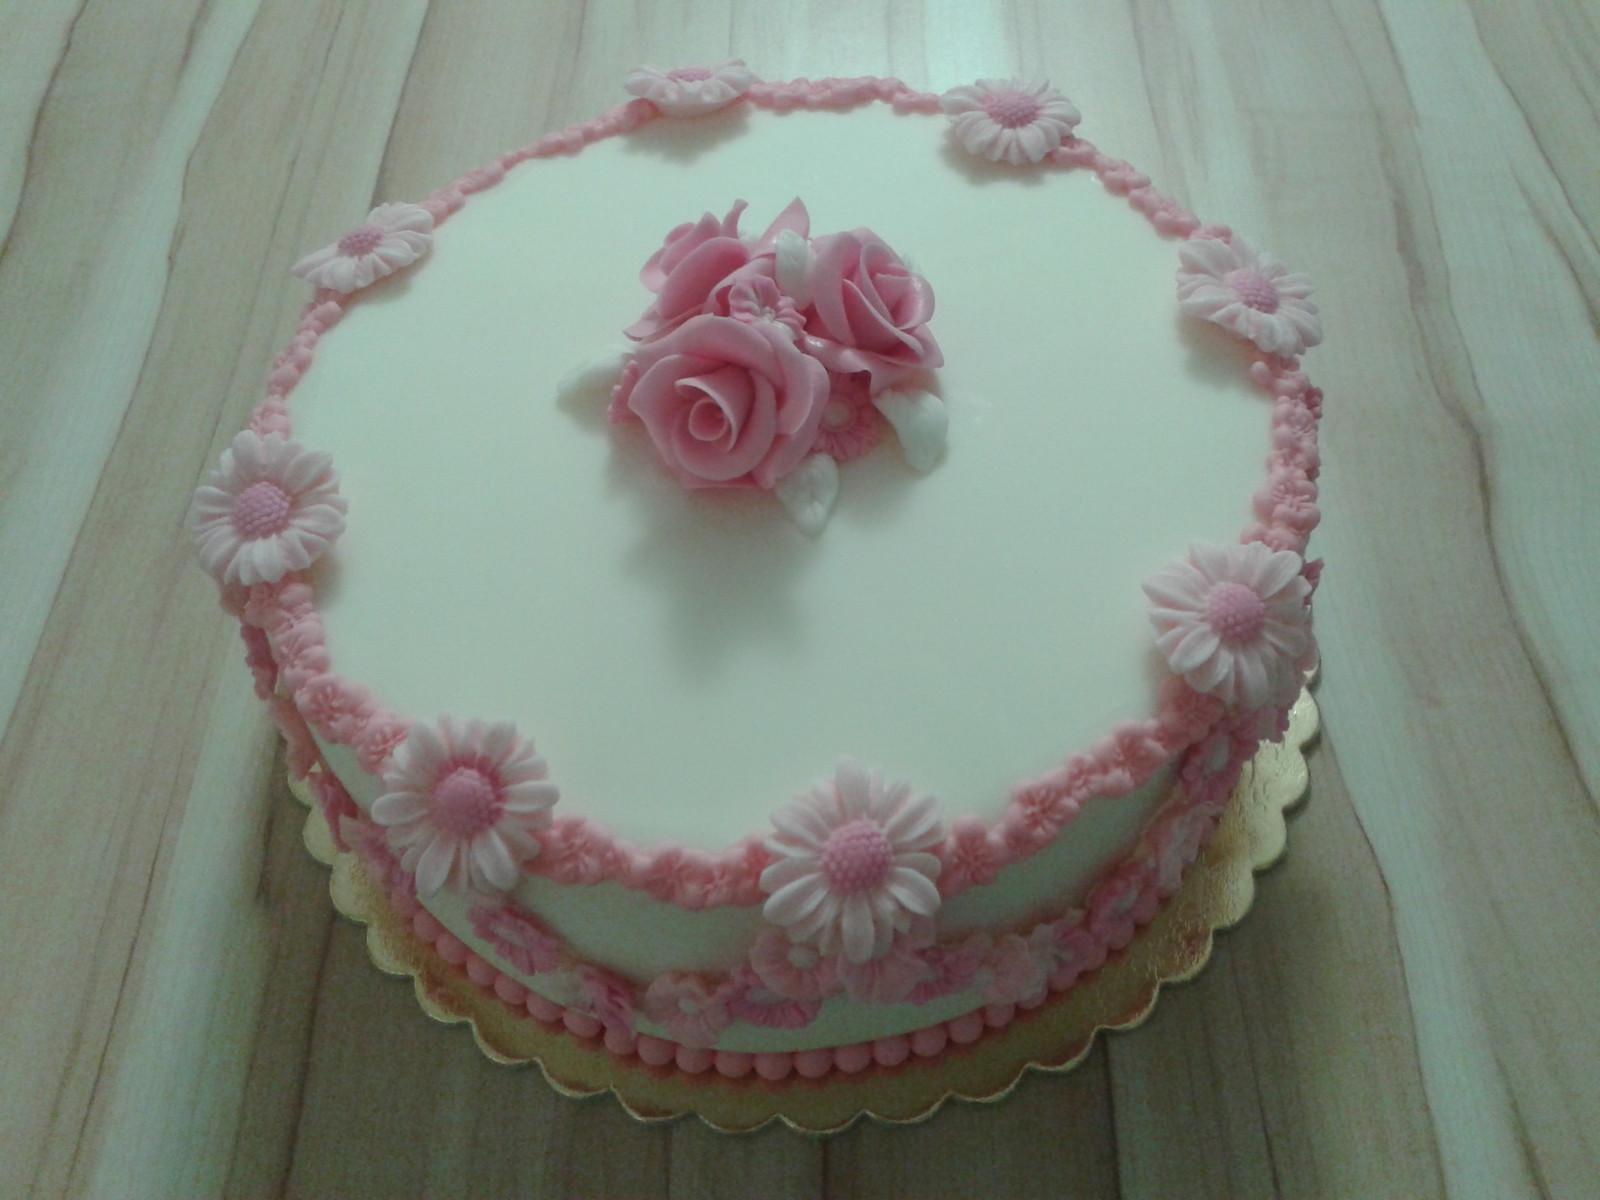 obrázky dortů k narozeninám Dort k narozeninám / Zboží prodejce žirafa186 | Fler.cz obrázky dortů k narozeninám